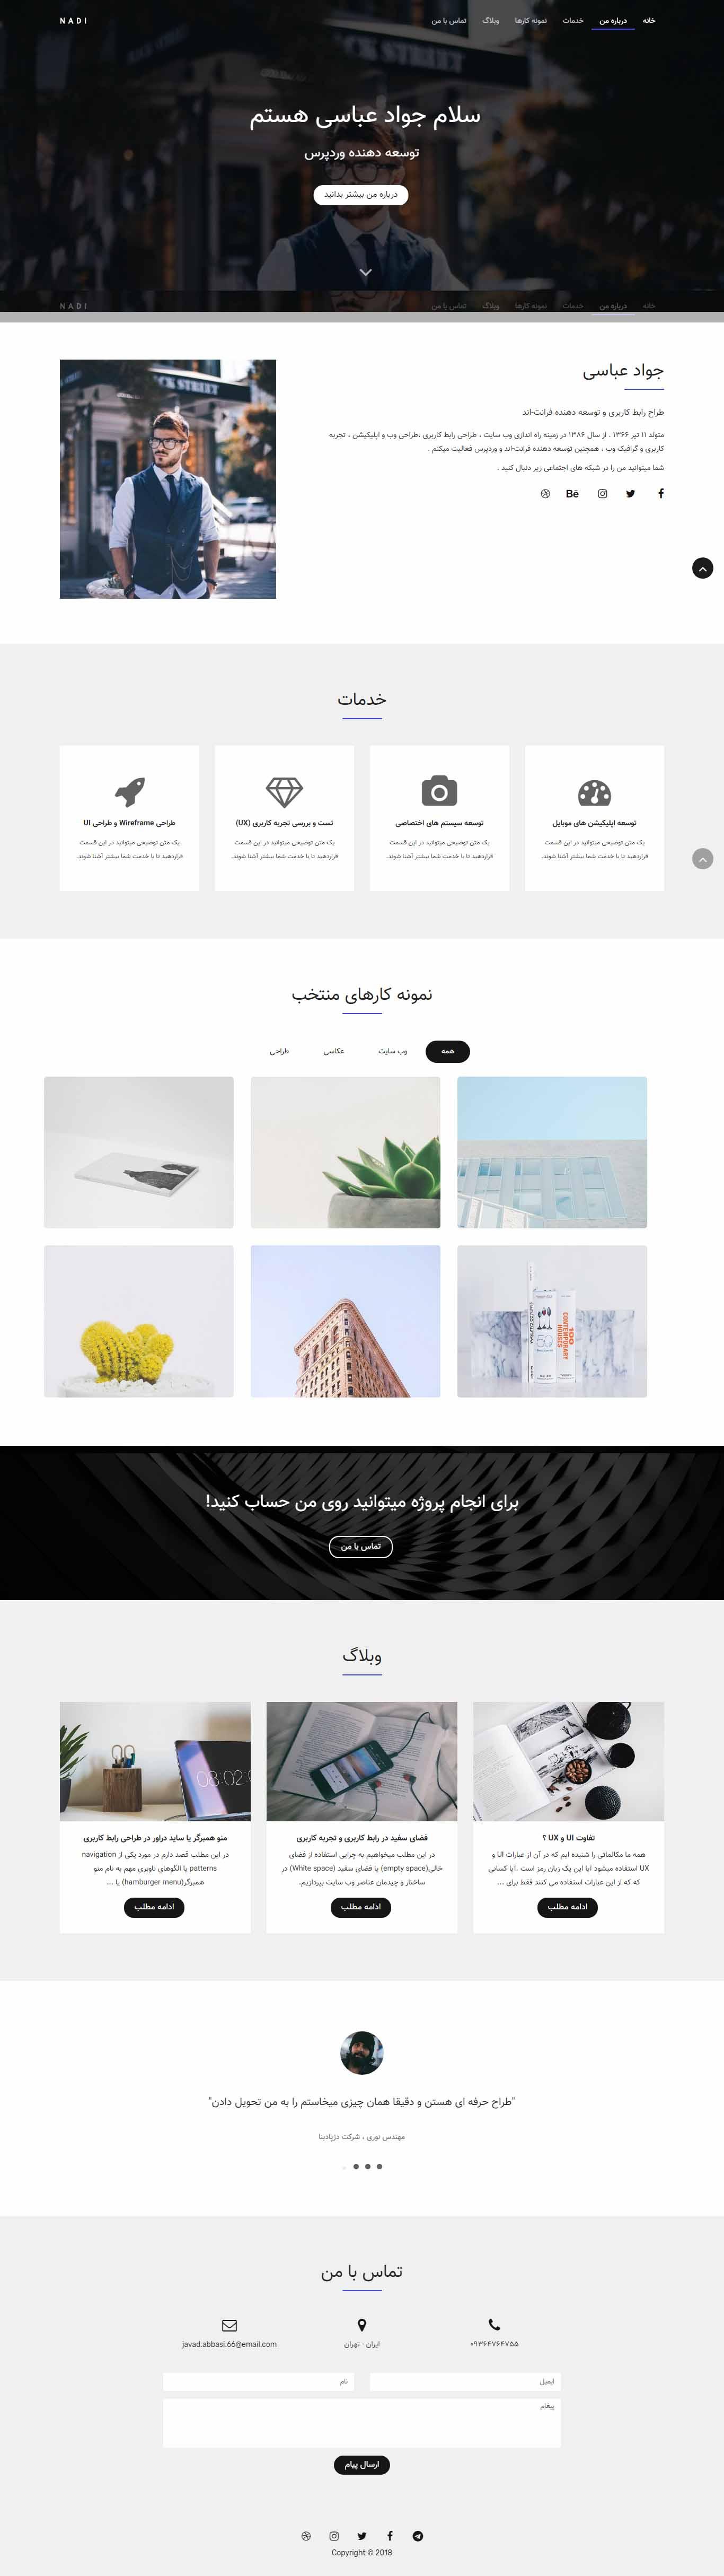 قالب nadi فارسی قالب نادی ریسپانسیو تک صفحه HTML | قالب html شرکتی نادی